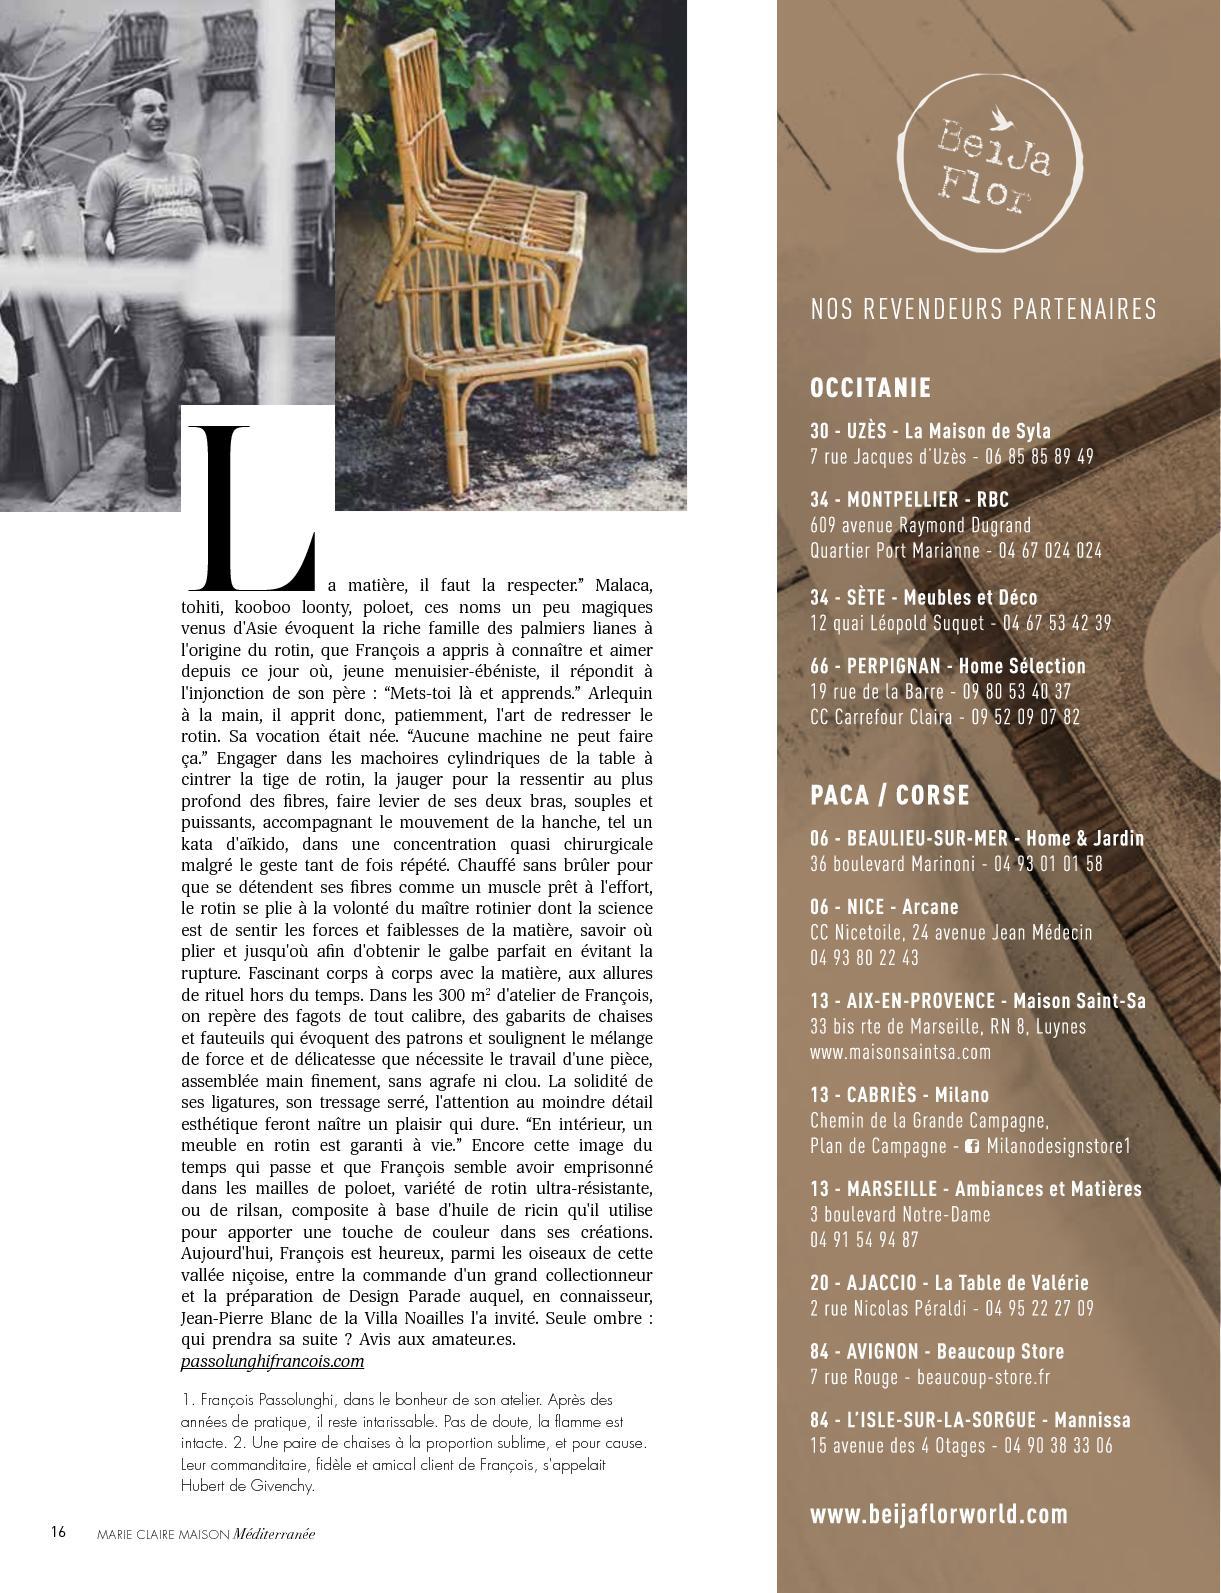 Salon De Jardin Plastique Design Beau N°502 Marie Claire Maison Juillet Aout 2018 Calameo Downloader Of 30 Best Of Salon De Jardin Plastique Design